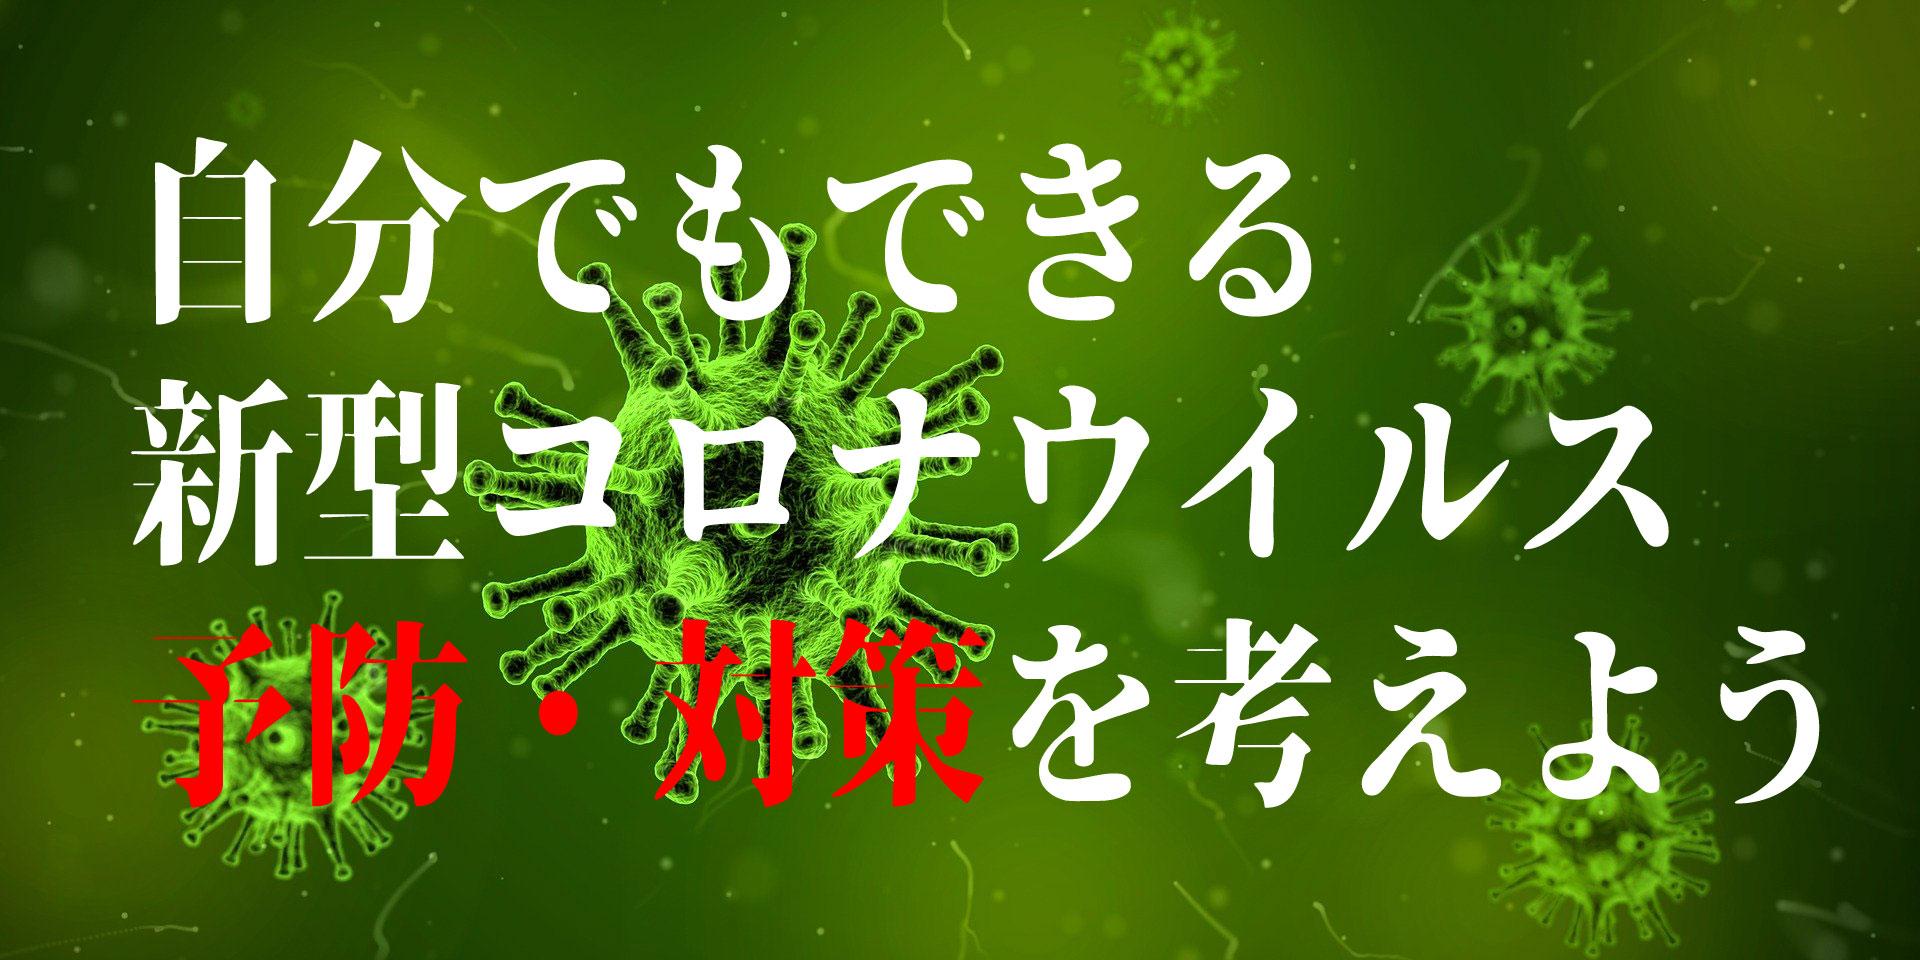 新型コロナウイルスに負けない!筆者が今やっている予防・対応策